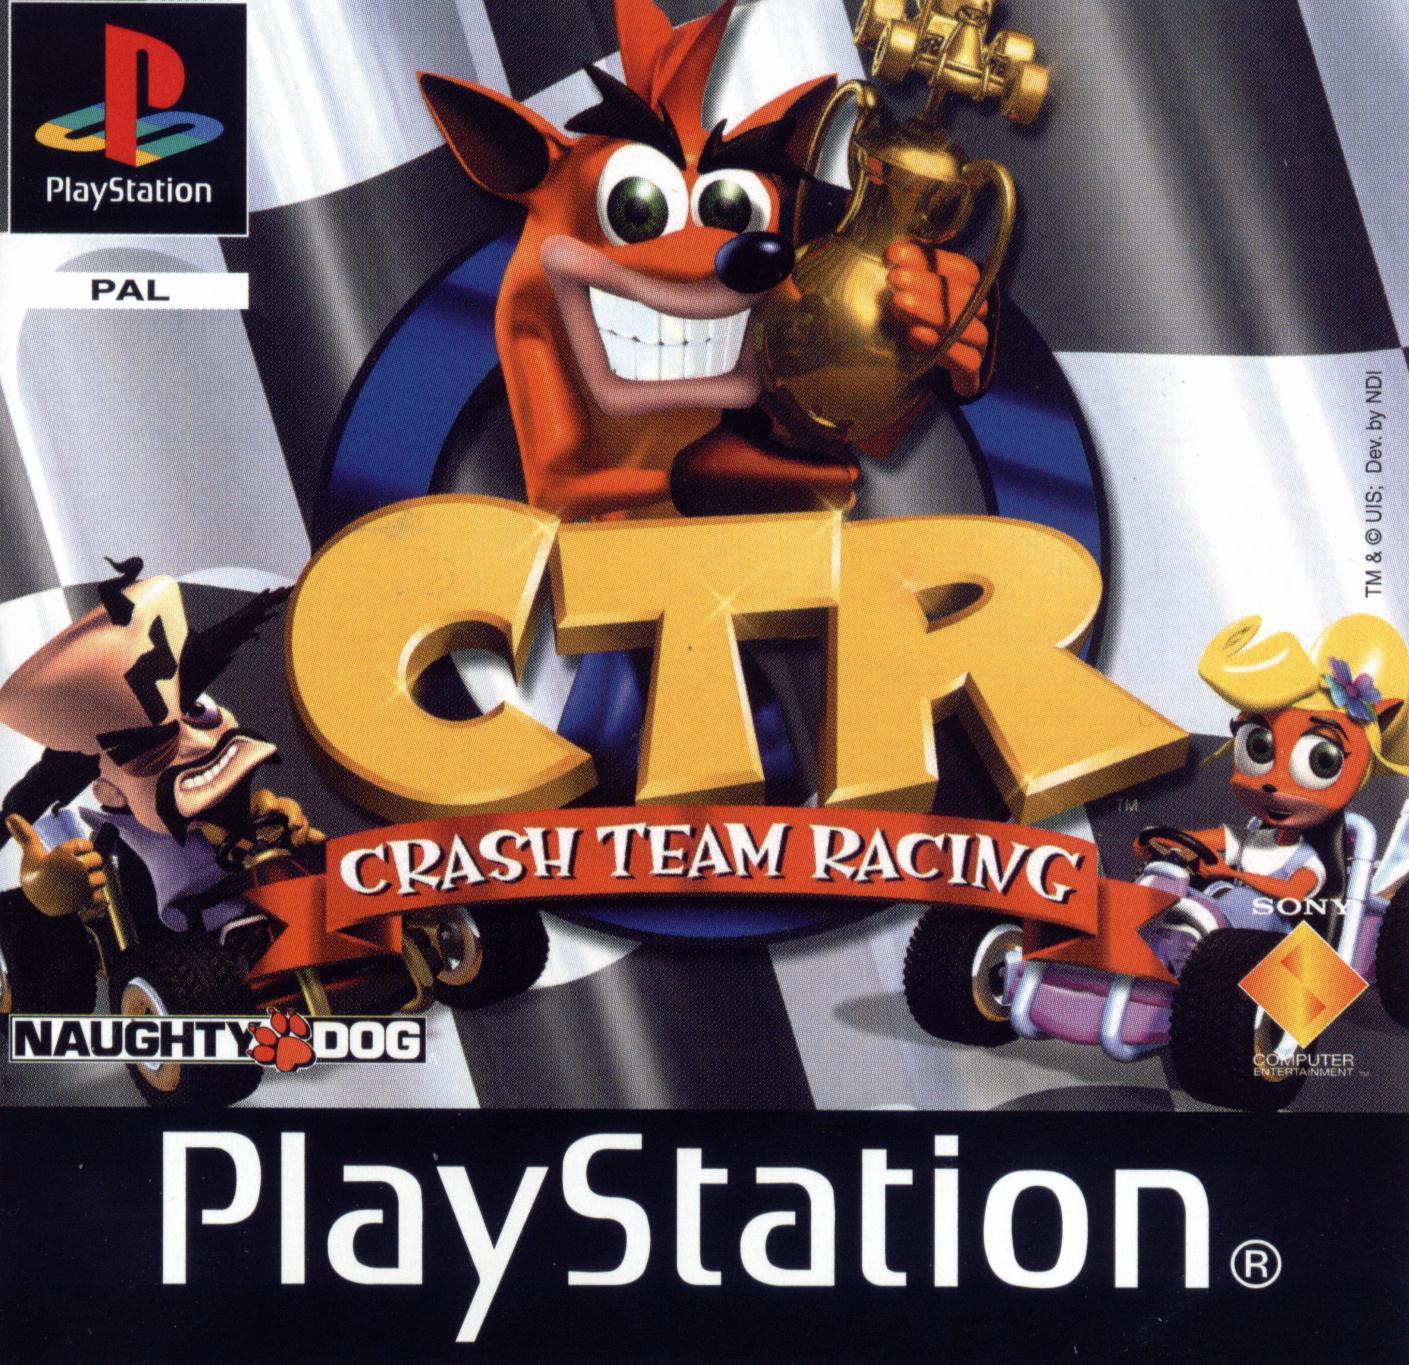 Playstation 4 aircraft games crash car